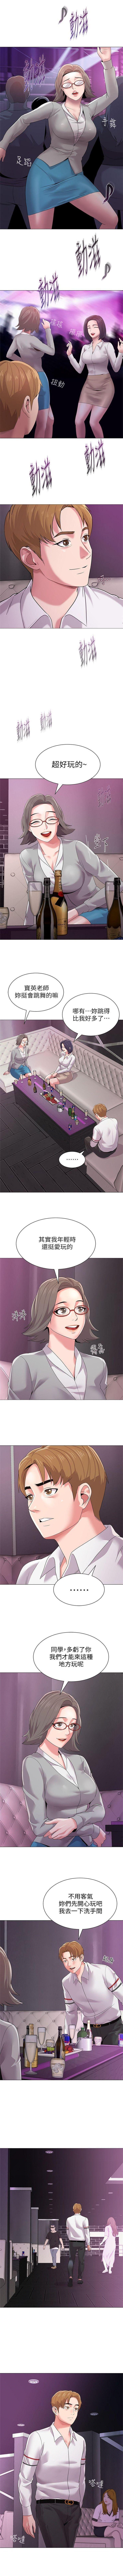 老師 1-80 官方中文(連載中) 114